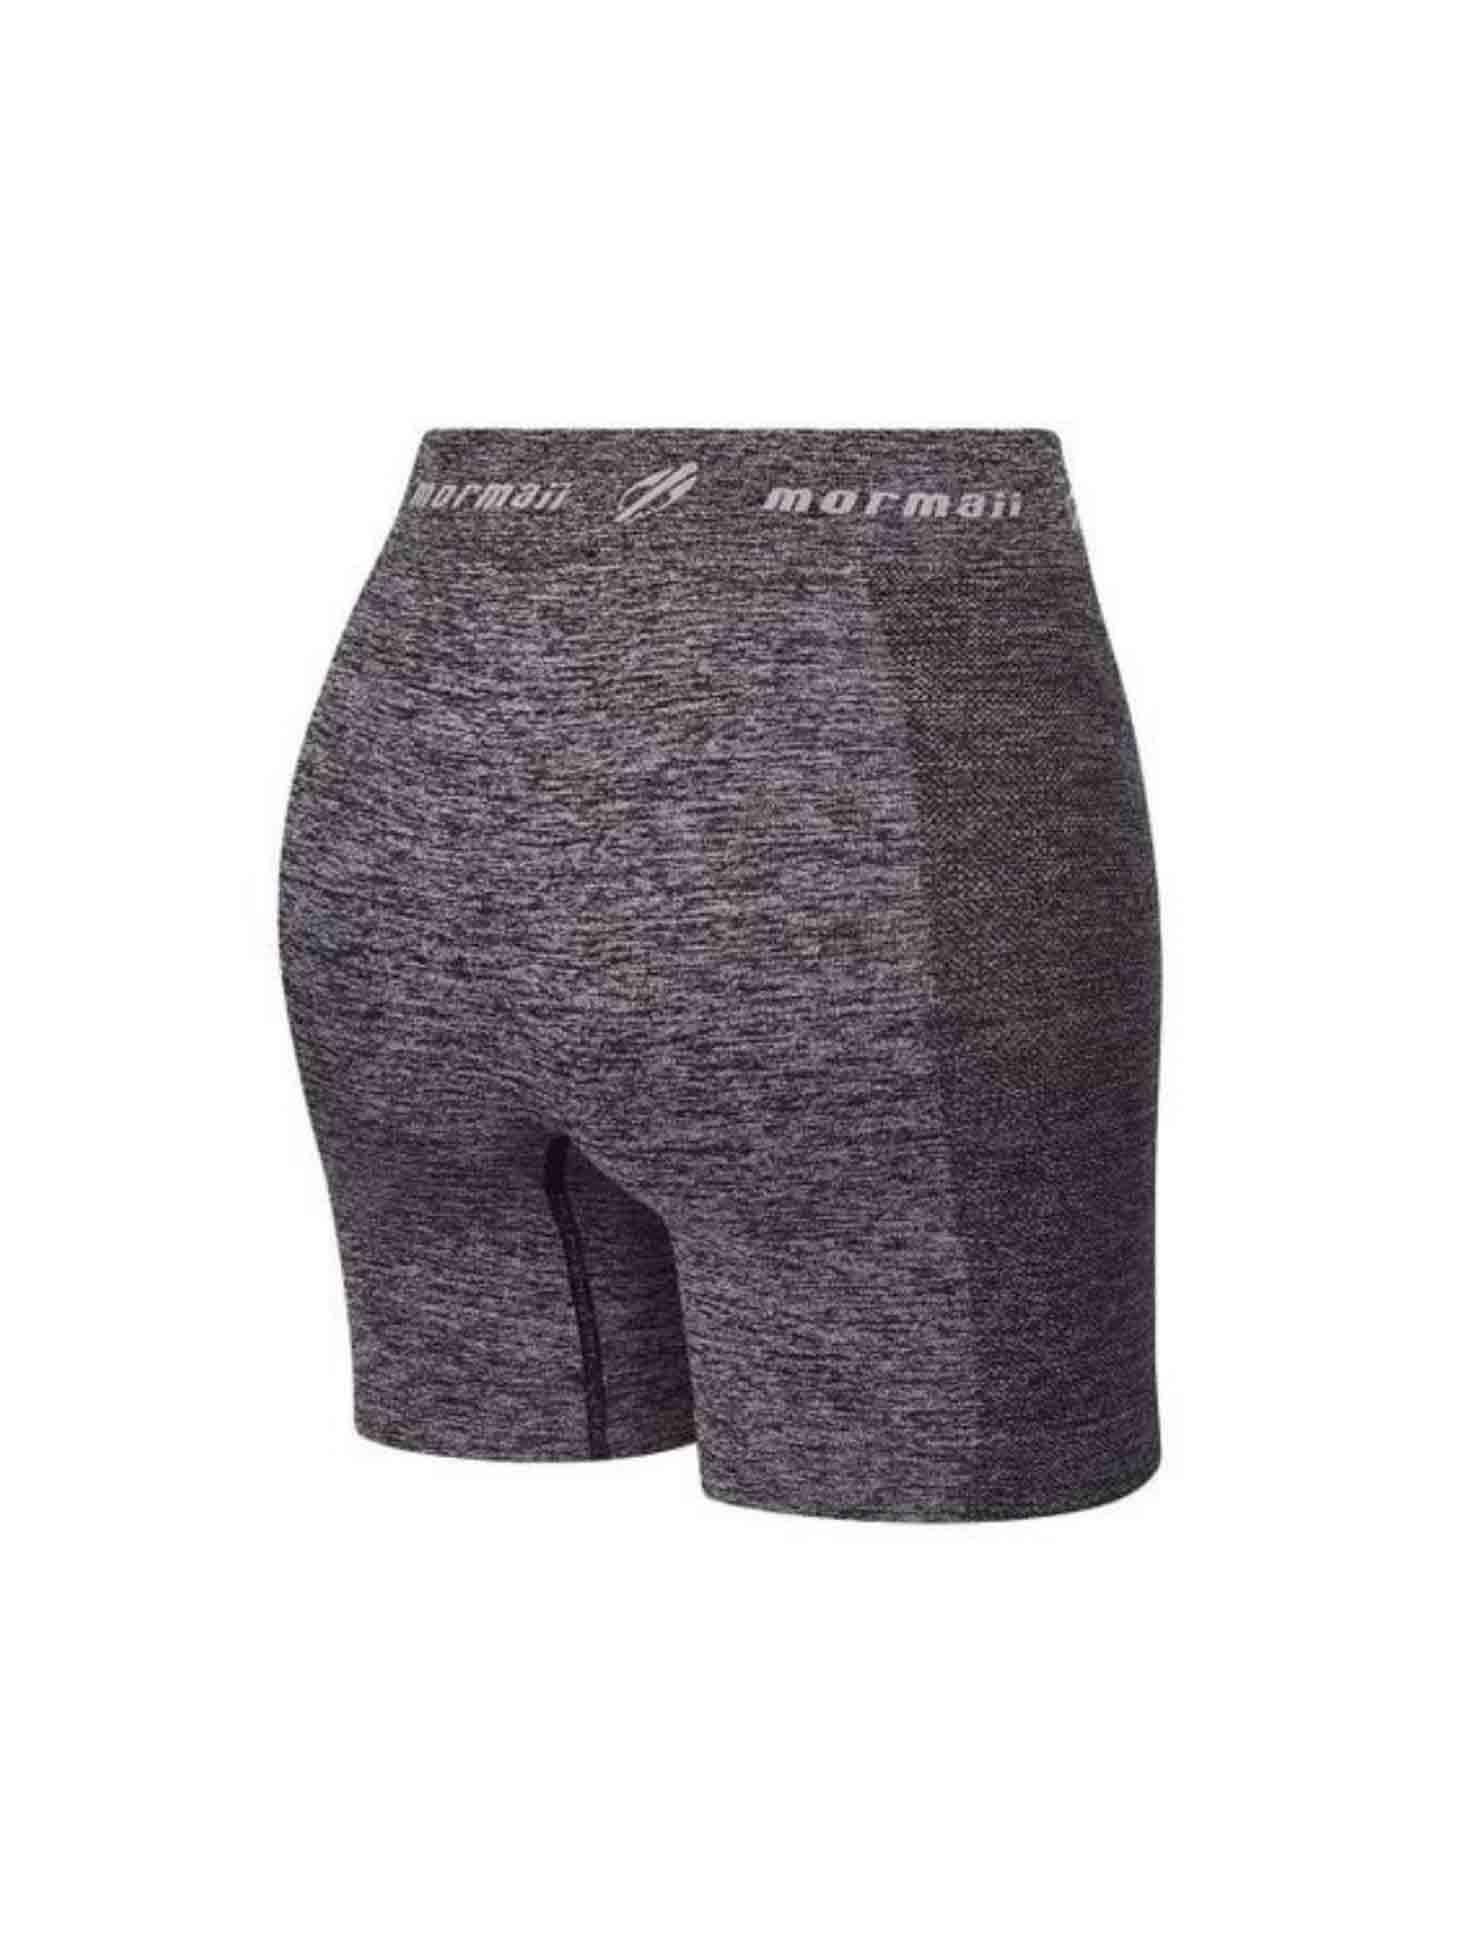 Short Esporte Mormaii -  Cinza Escuro